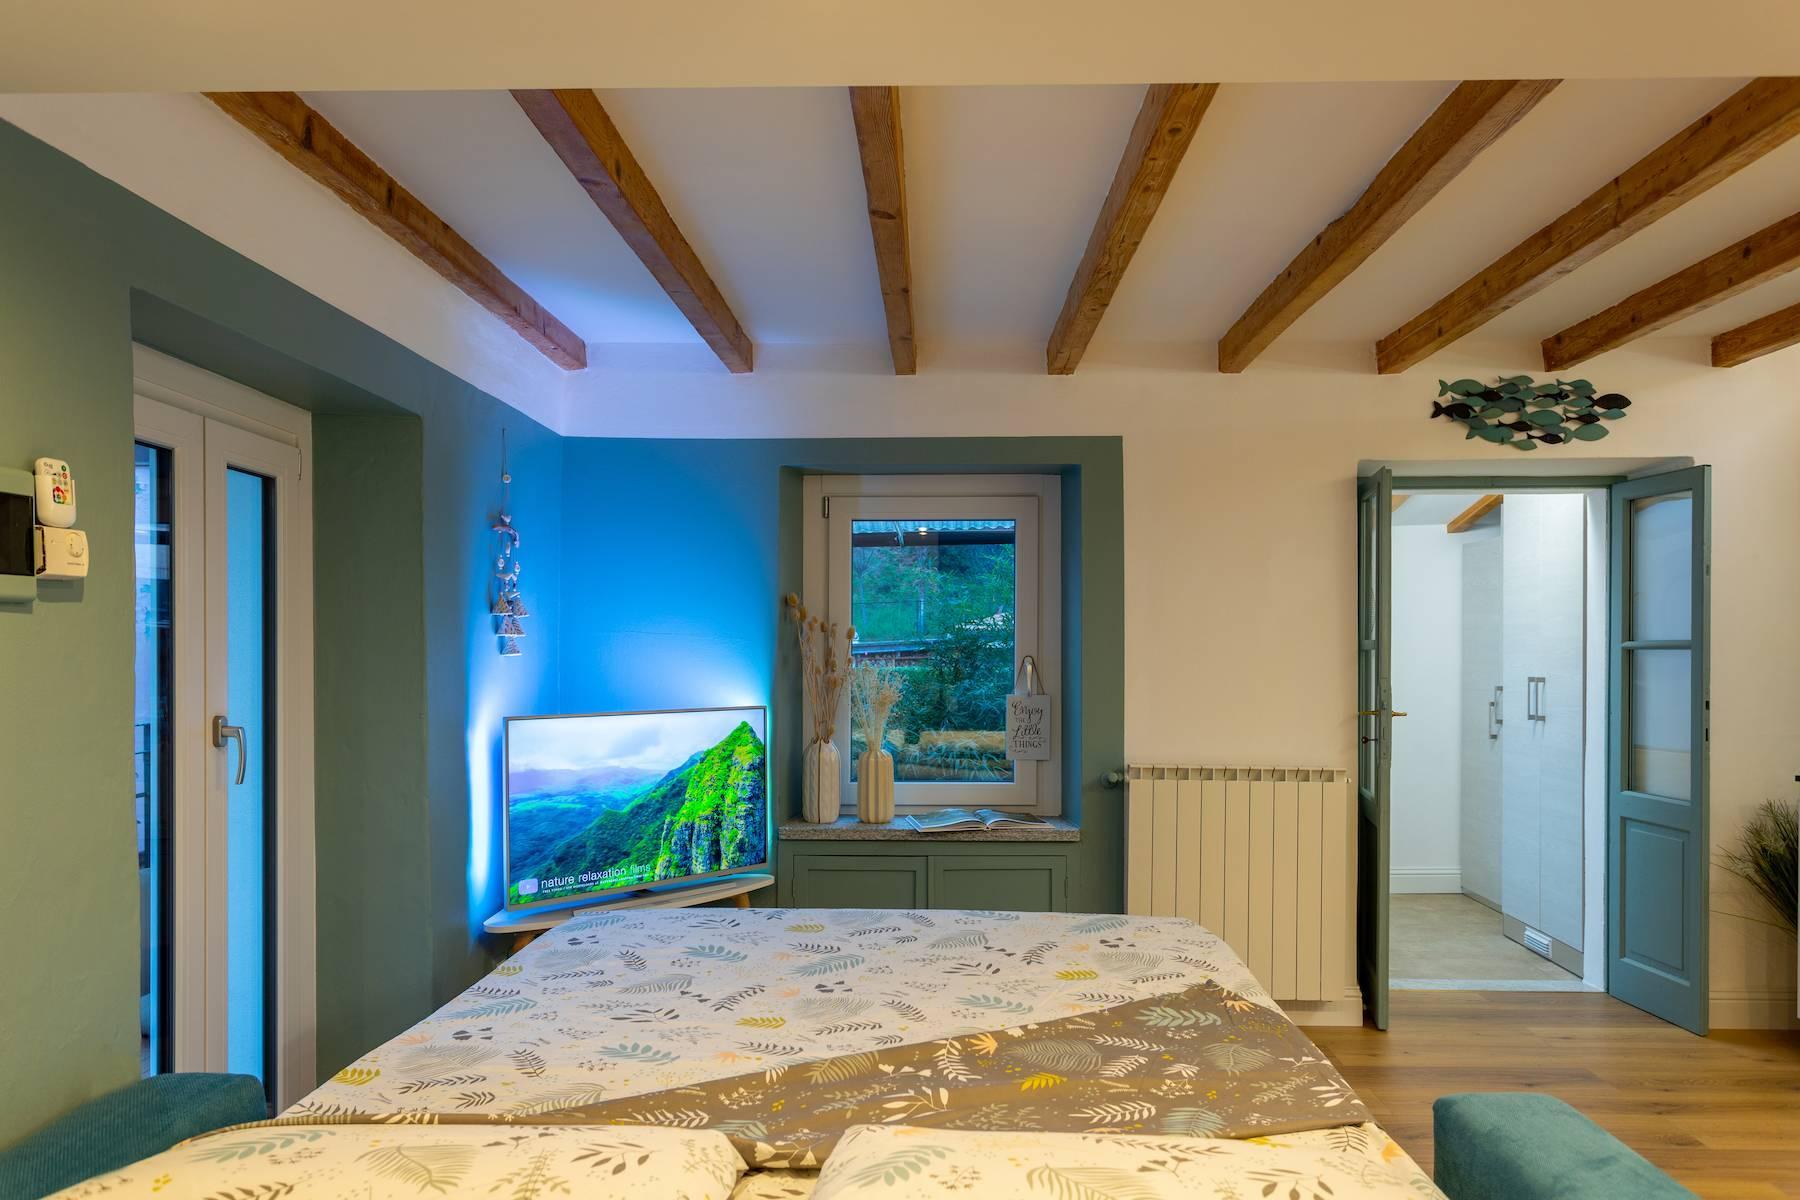 Appartamento accogliente a Belgirate con vista sul Lago Maggiore - 18